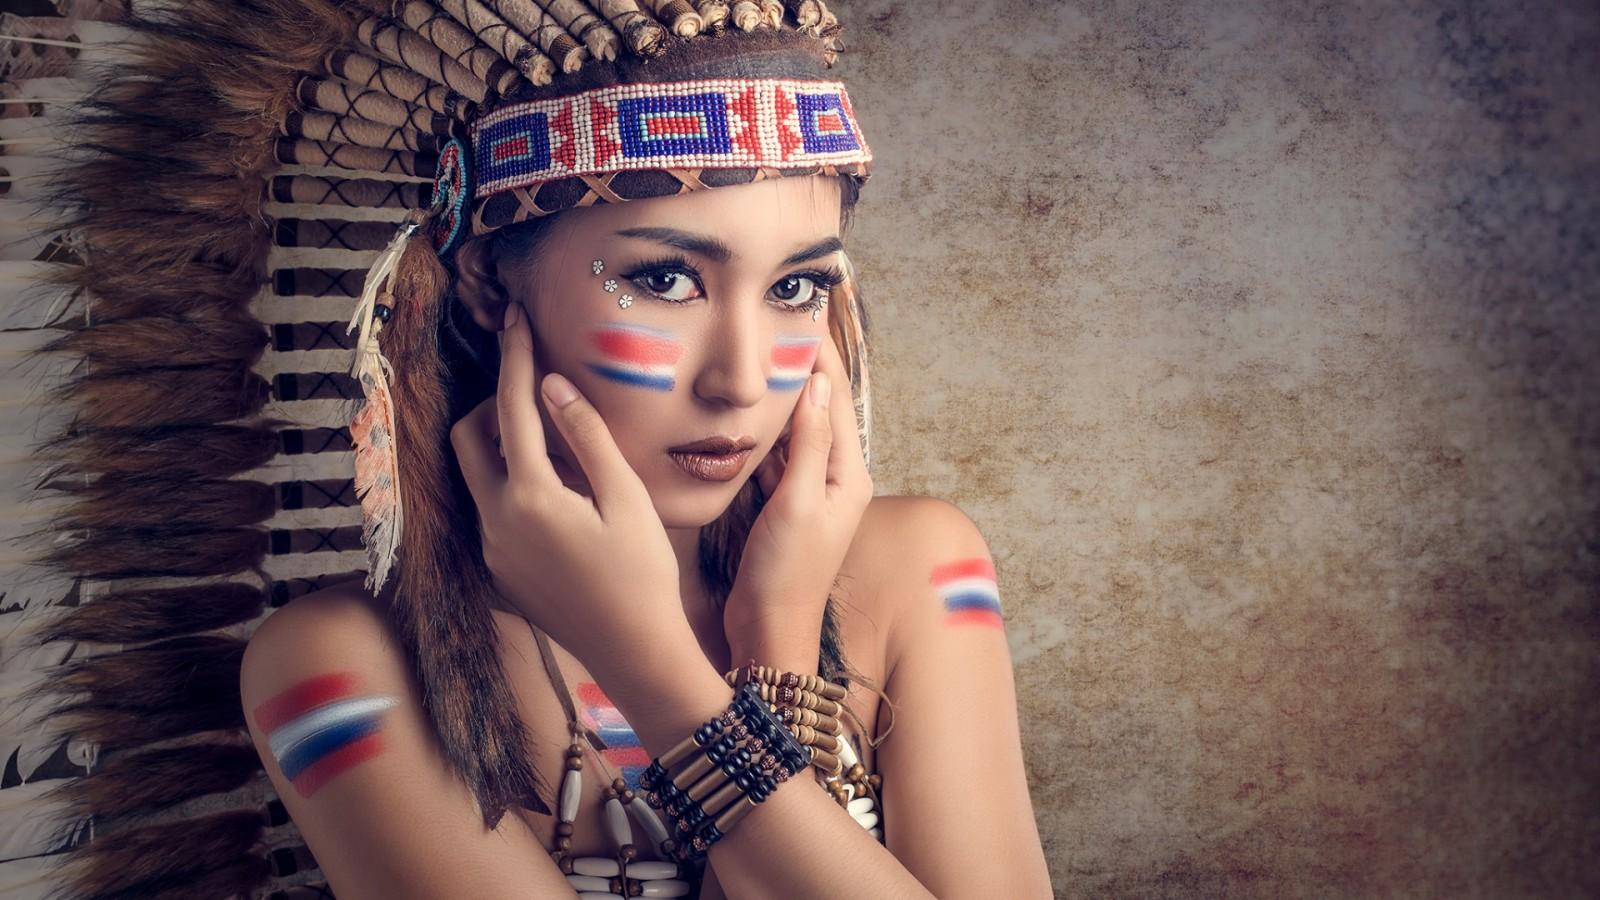 塞班岛,化妆,头盔,羽毛,部落风格,美女桌面壁纸